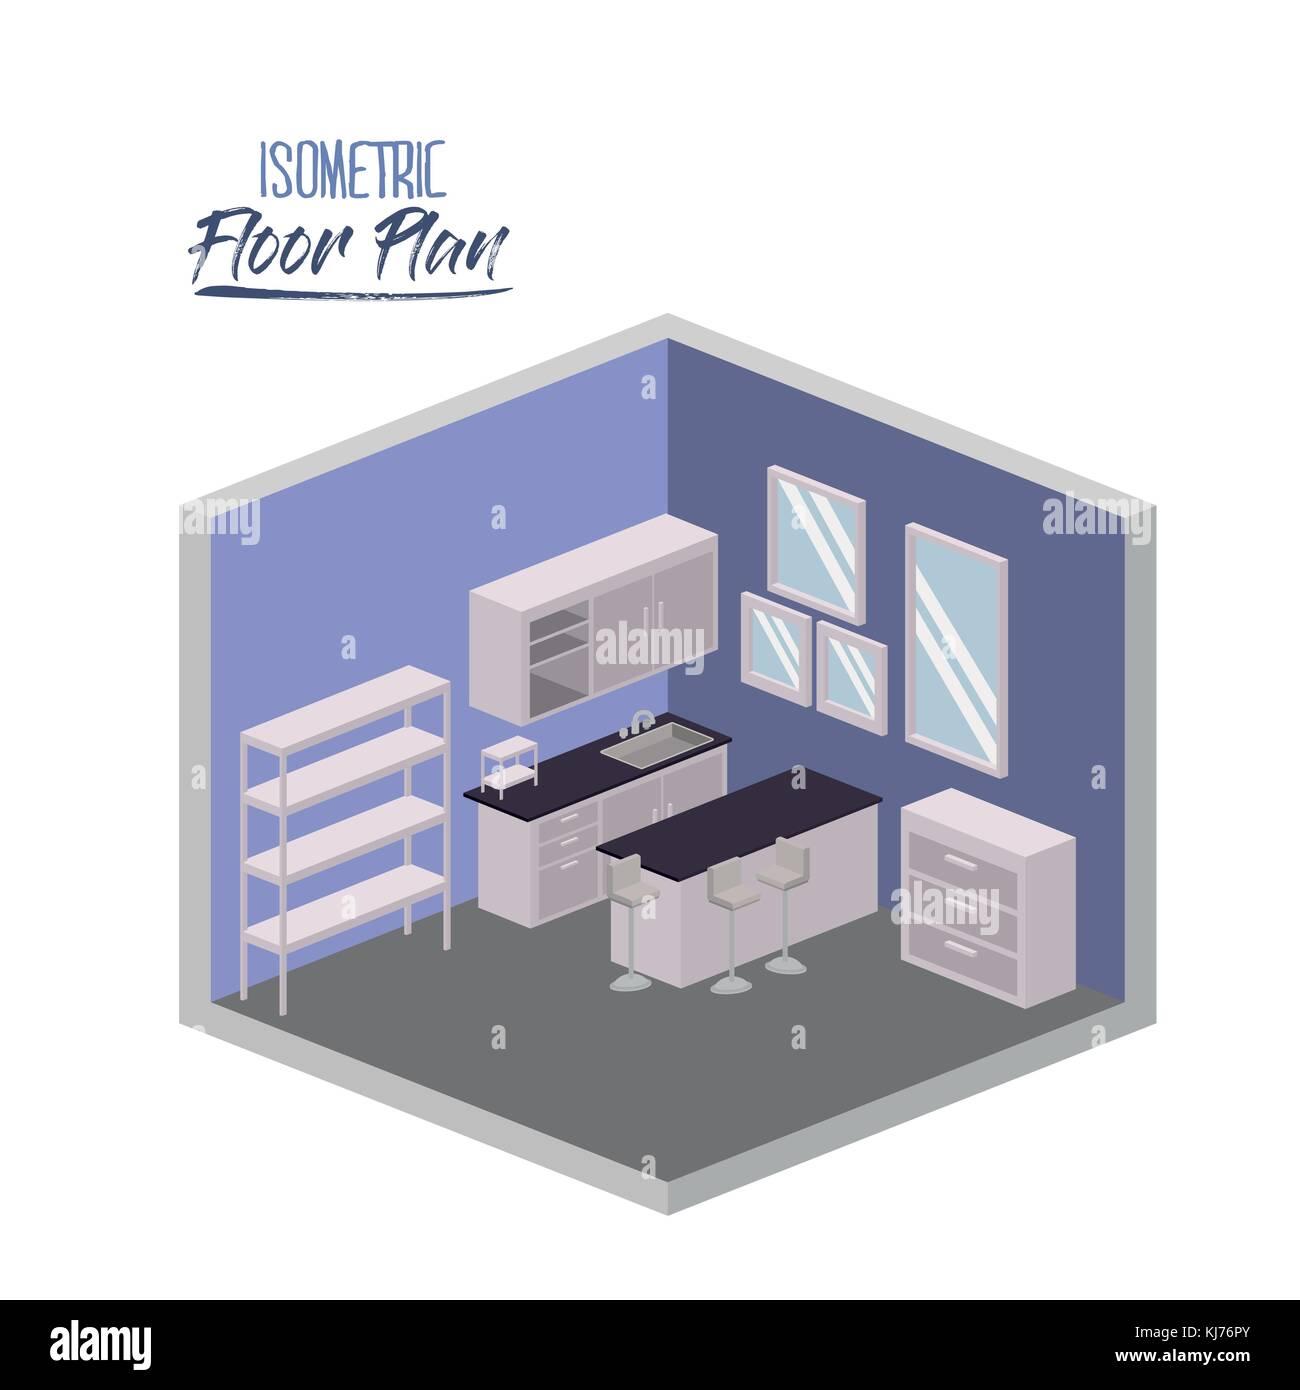 3d Floor Plan Isometric: Isometric Interior Concept Stock Photos & Isometric